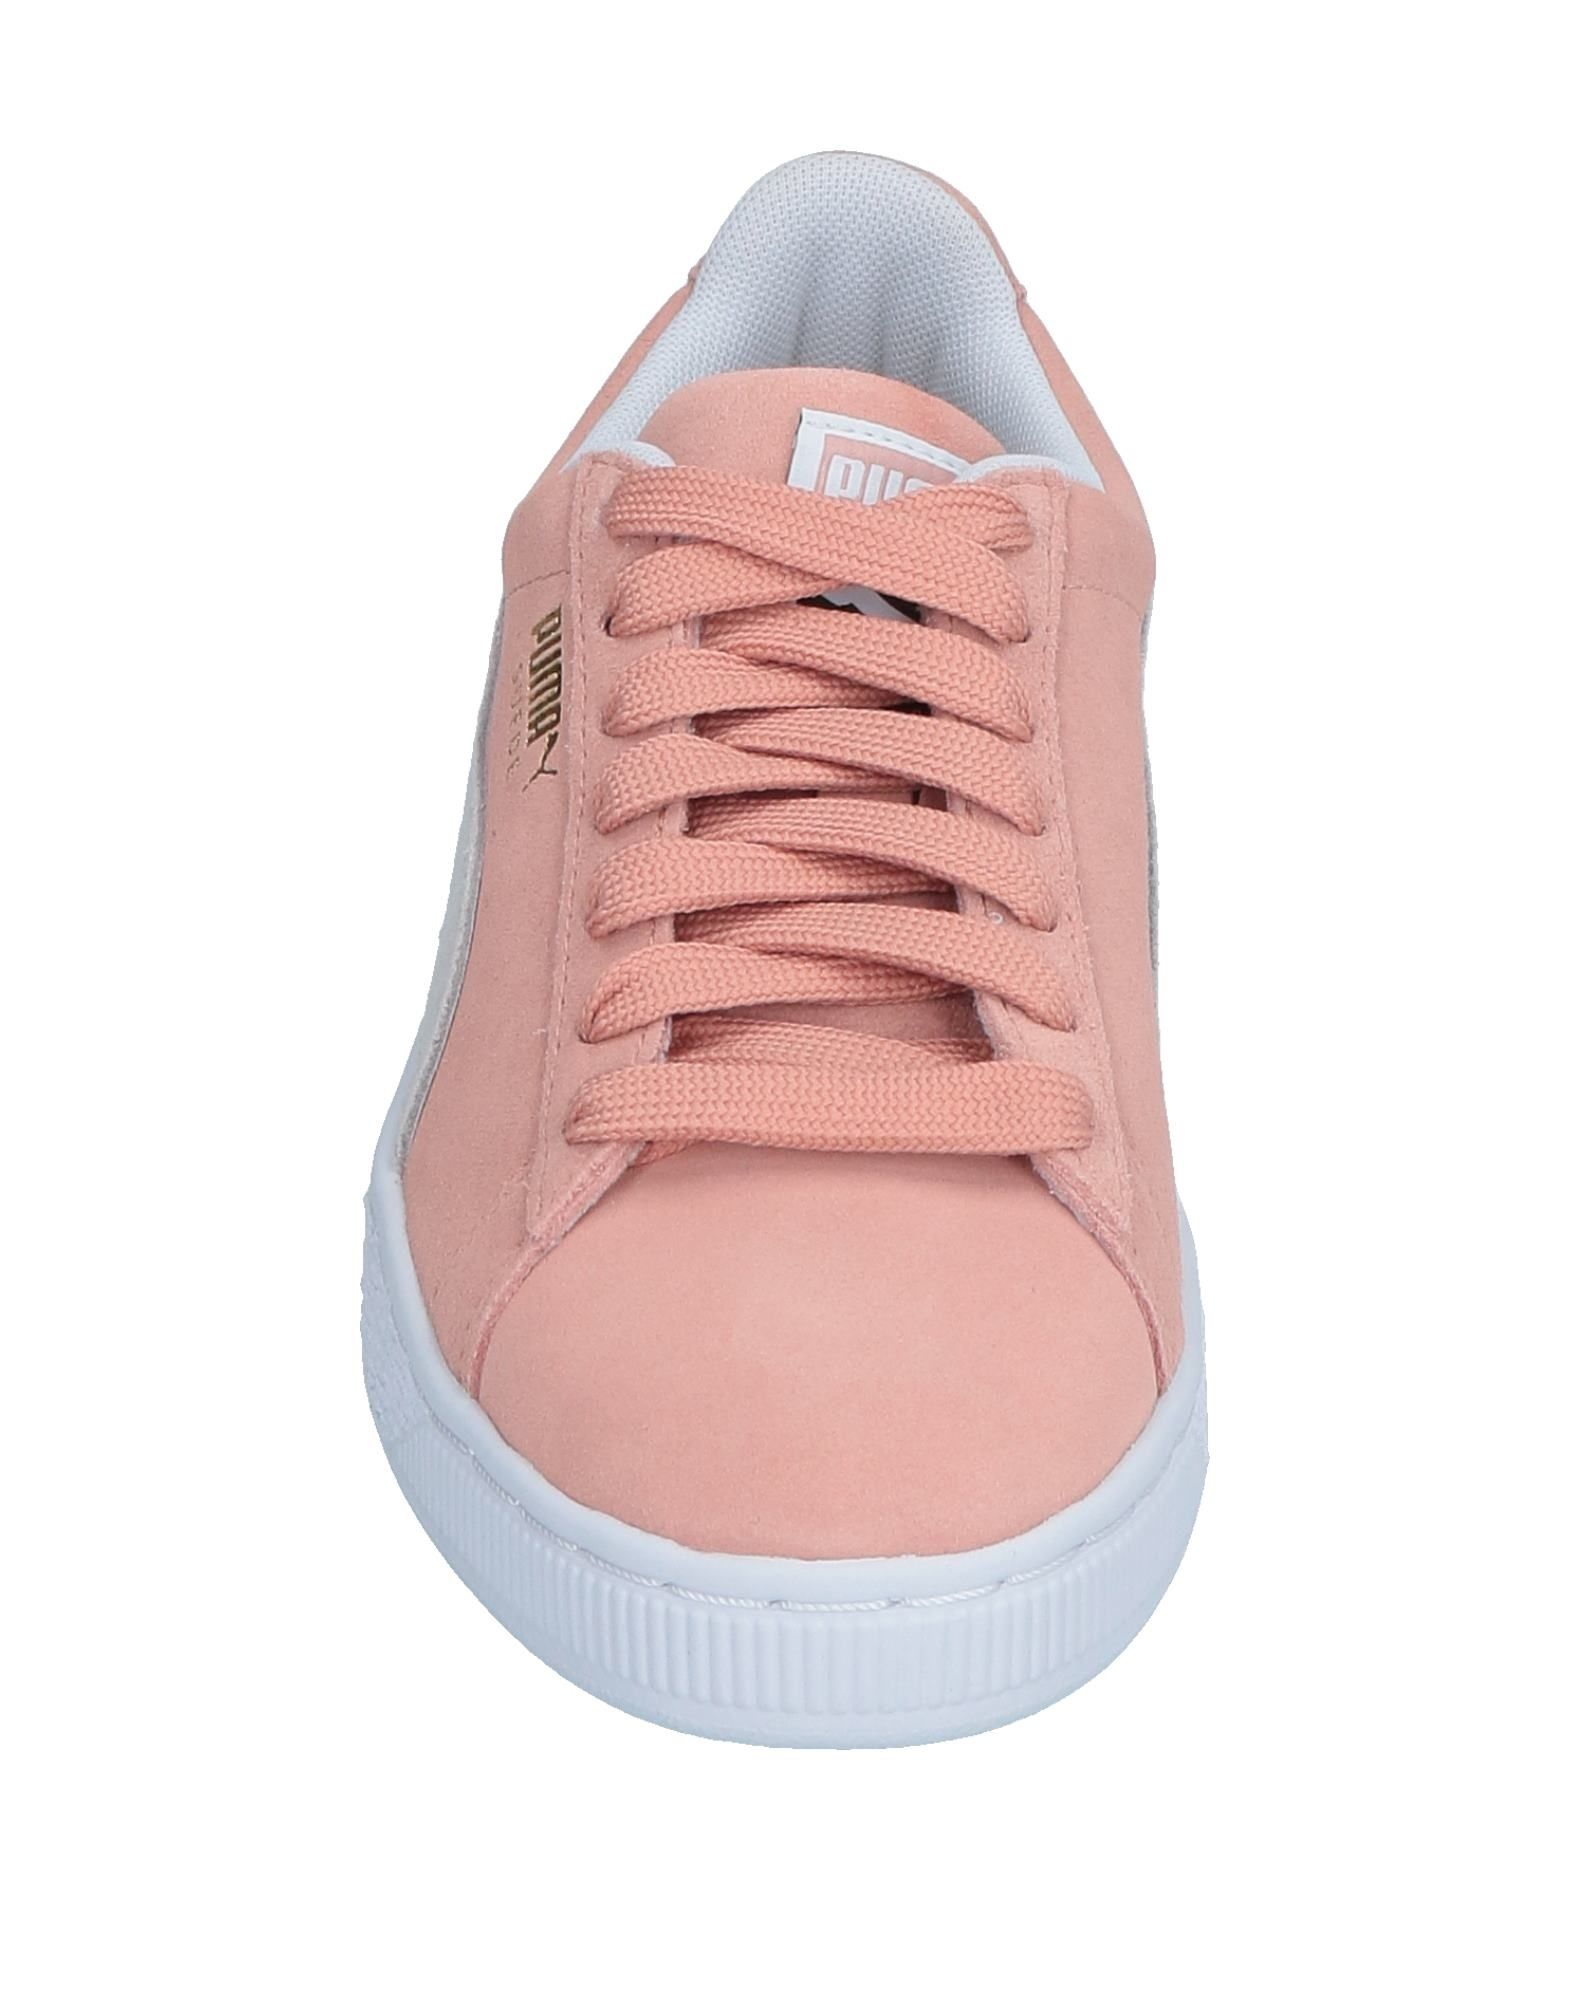 Puma Sneakers Damen  11559371EO Schuhe Gute Qualität beliebte Schuhe 11559371EO 1bd96c